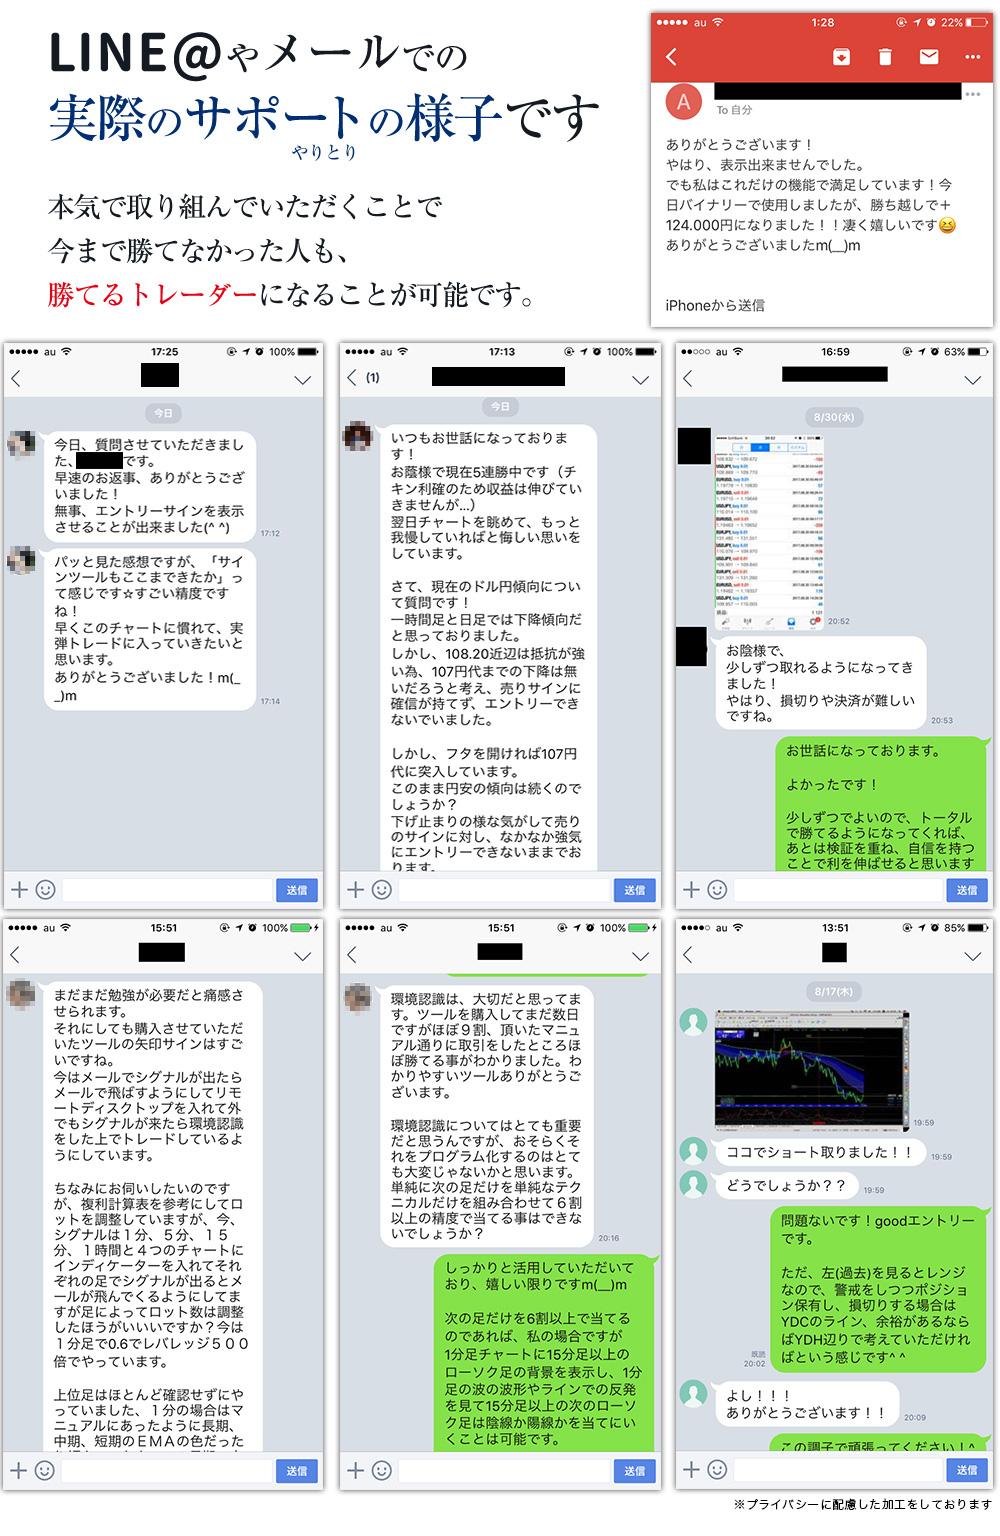 trendingsignex_line2.jpg